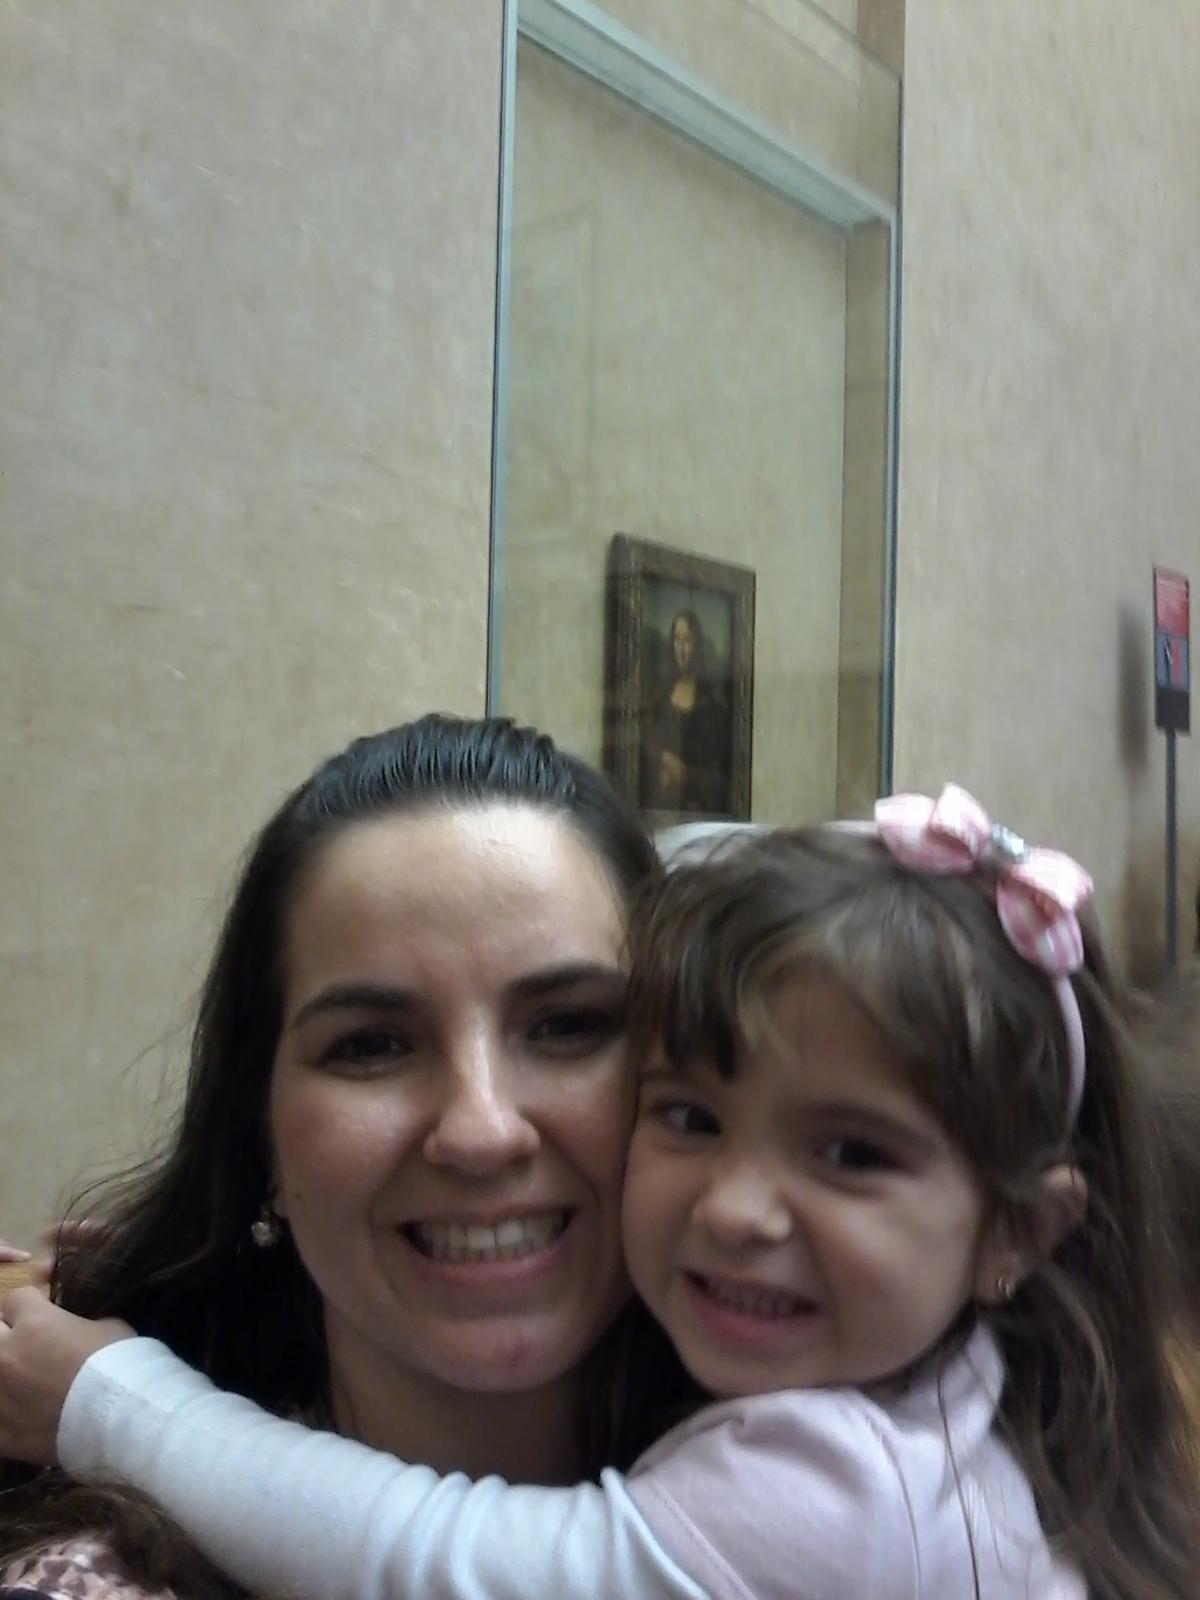 Beatriz feliz ao ver a tão esperada Monalisa no Museu do Louvre